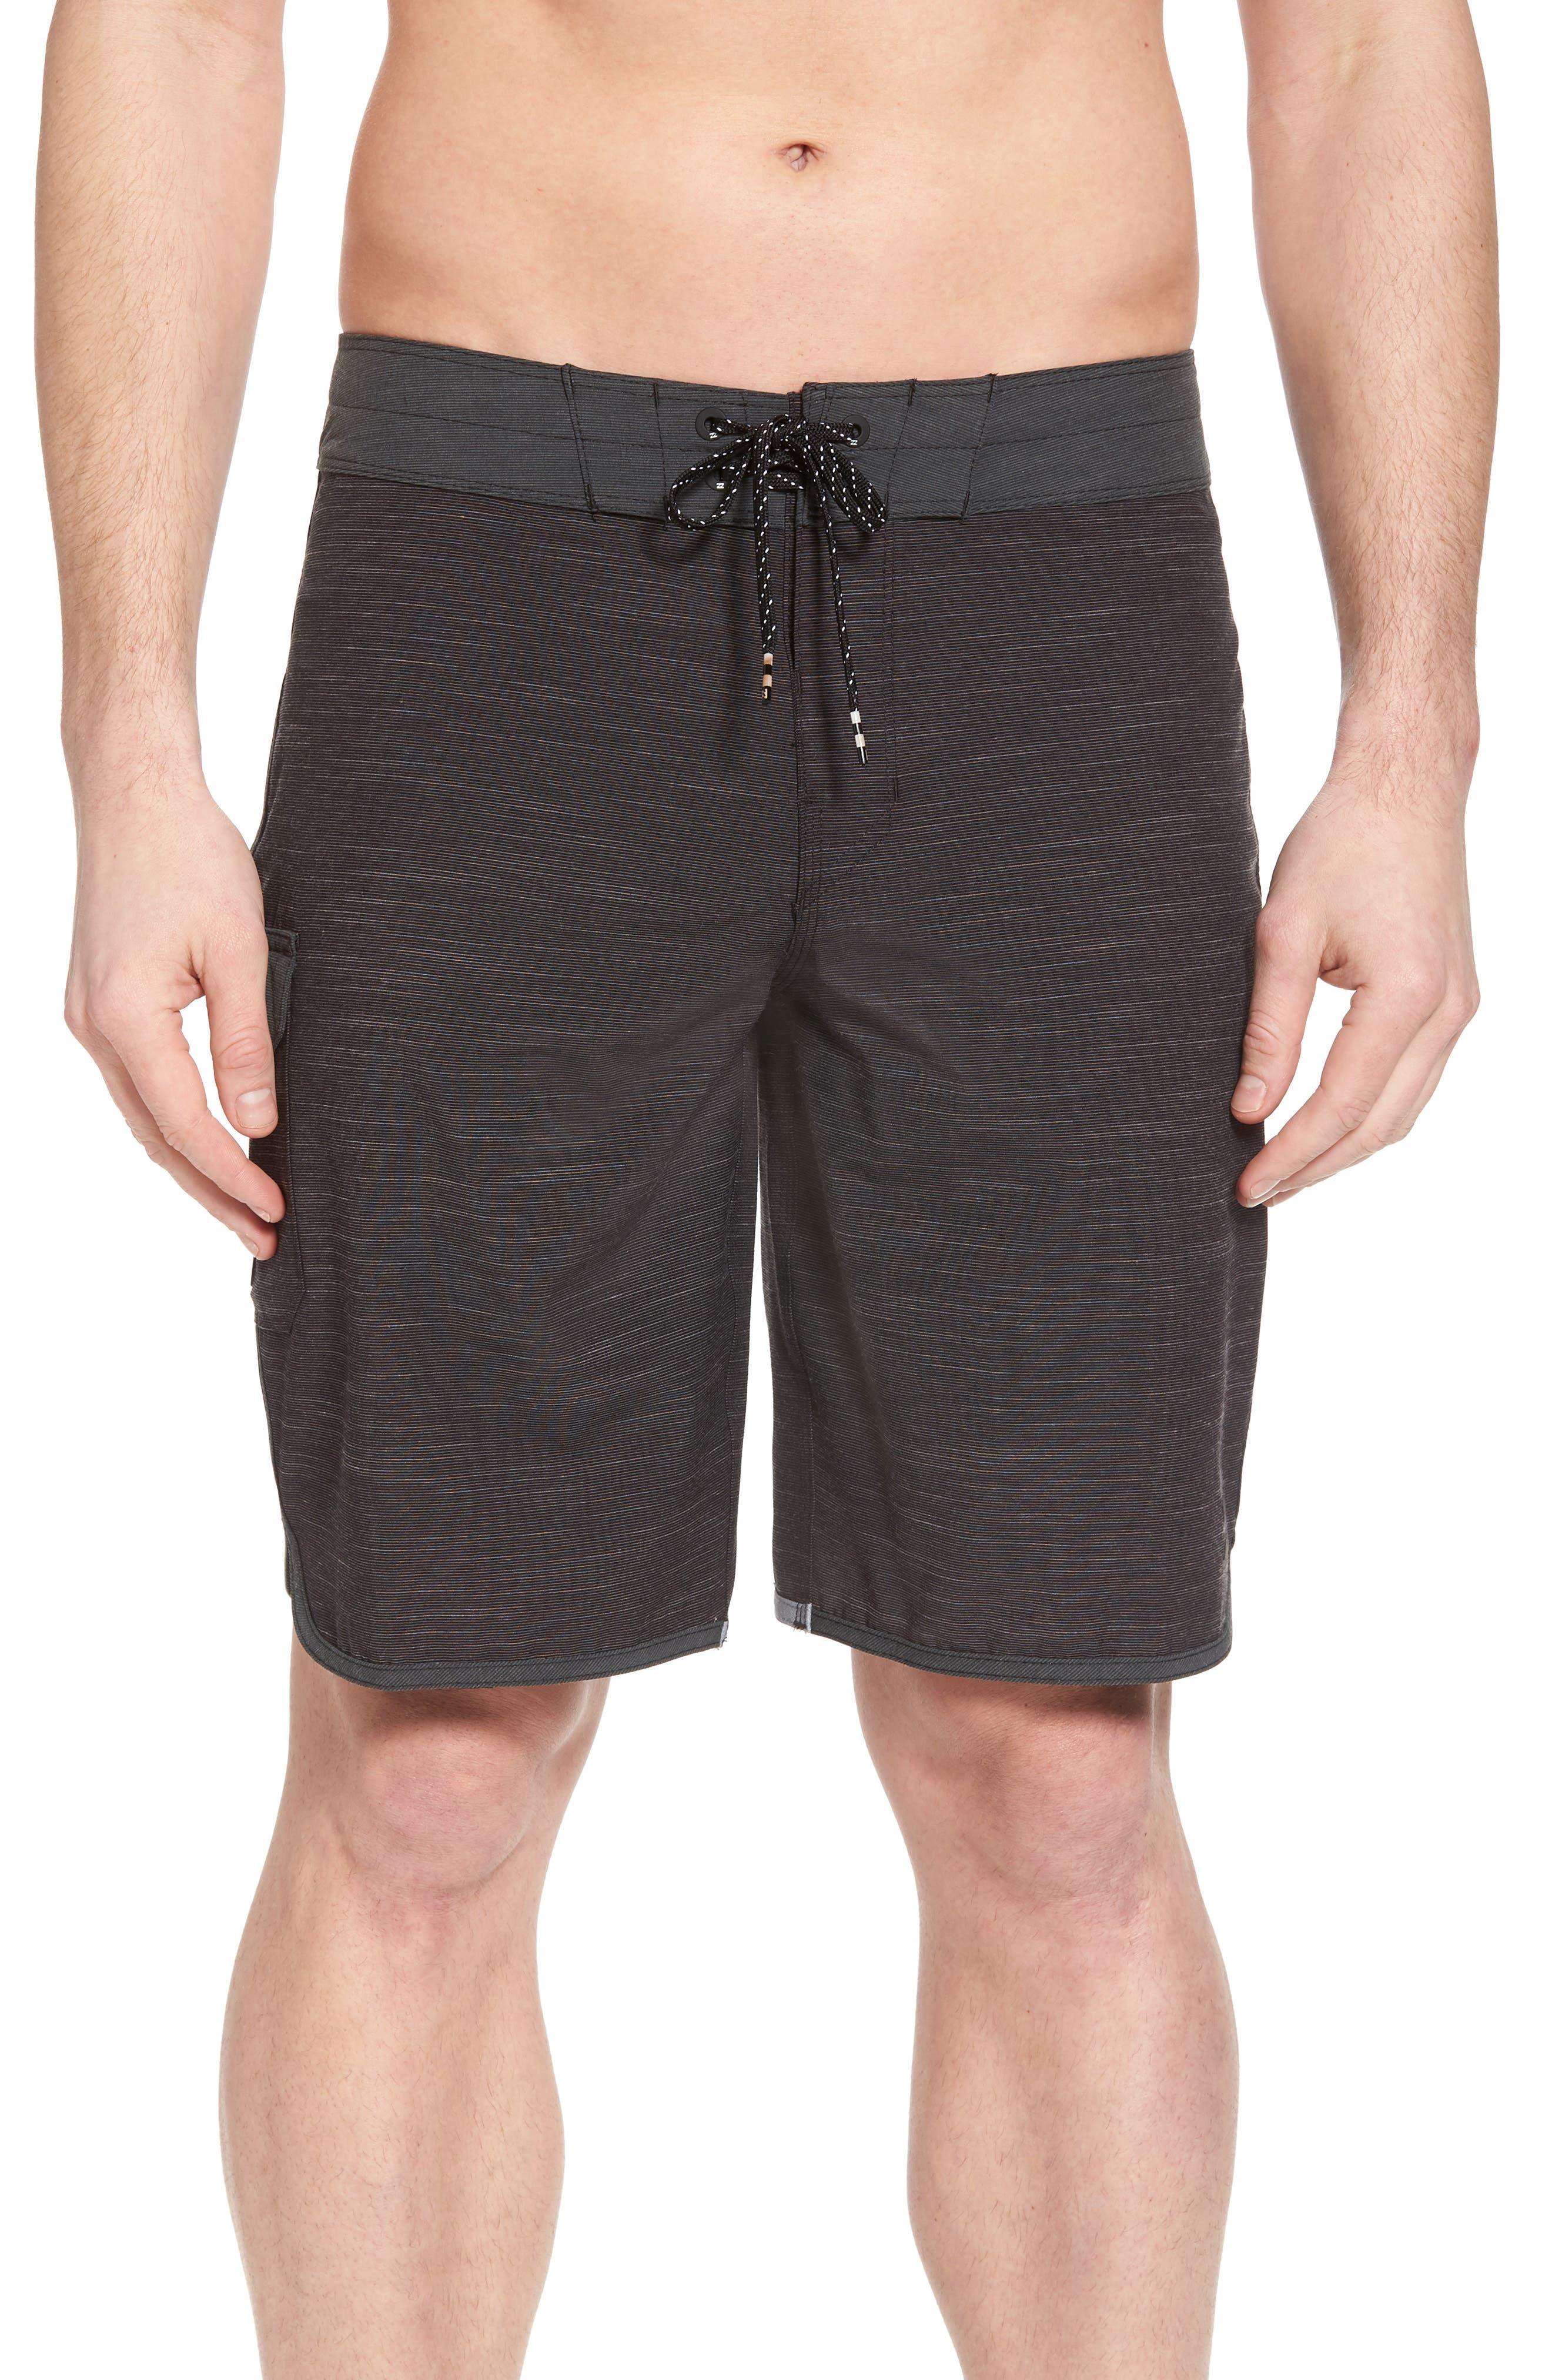 73 X Short Board Shorts,                             Main thumbnail 1, color,                             001